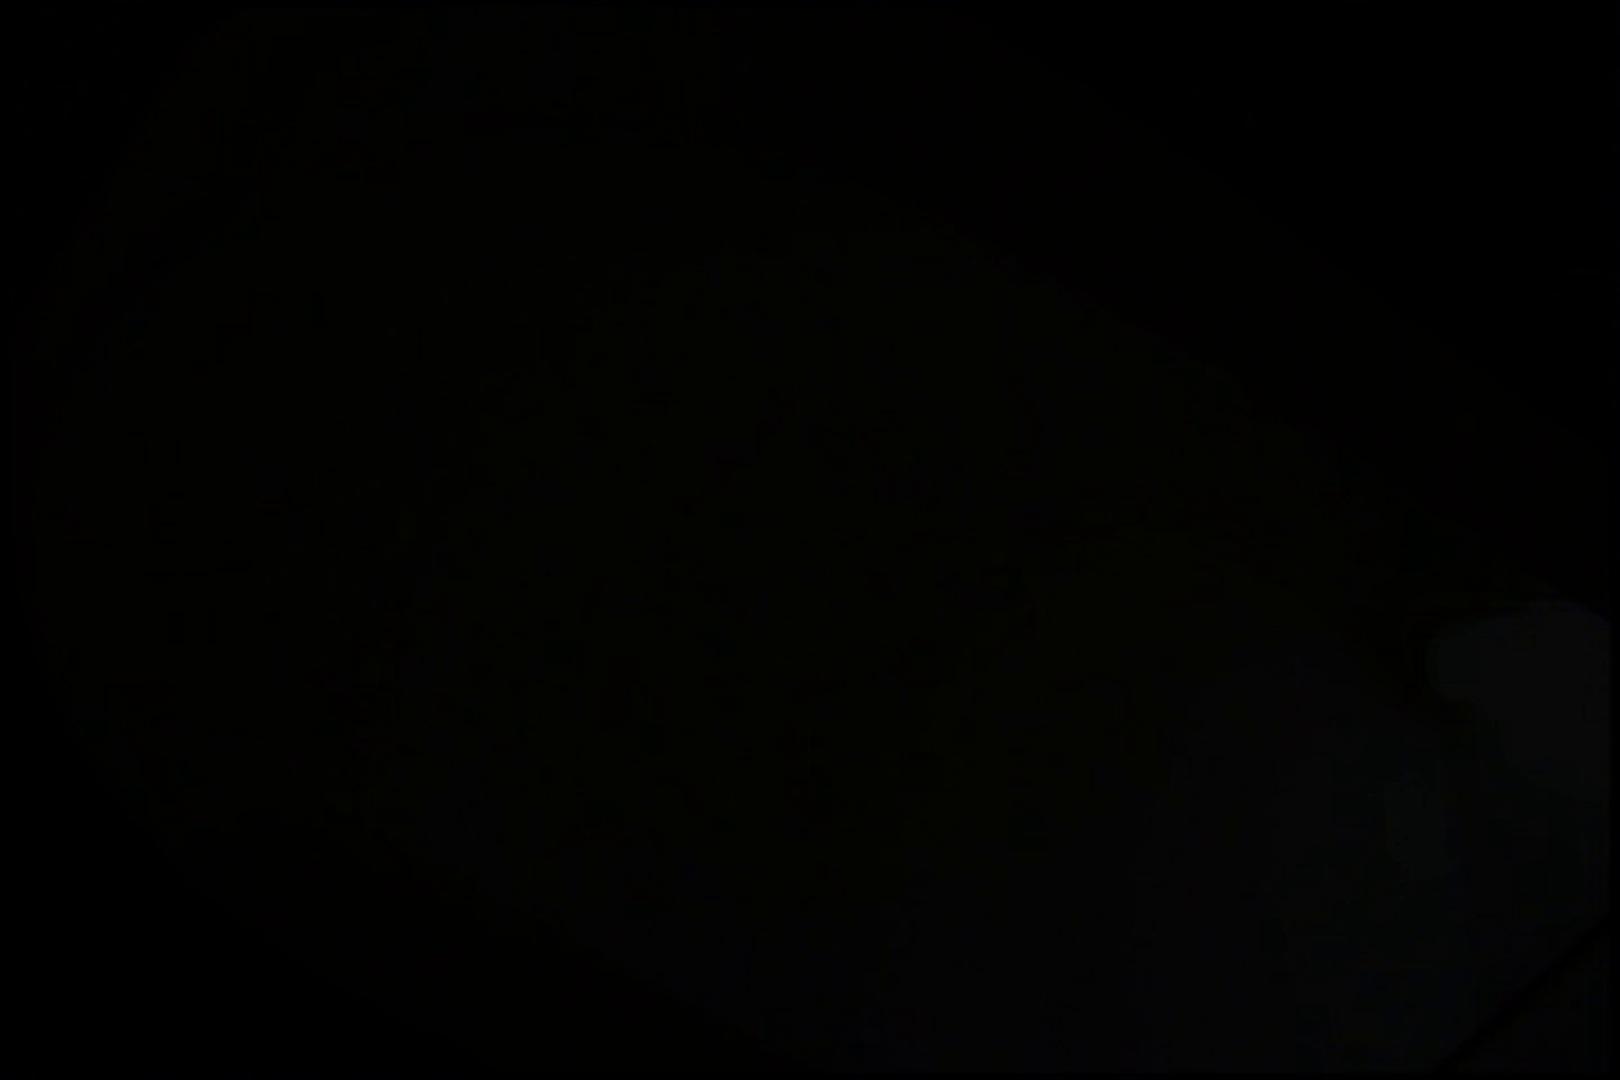 和式にまたがる女たちを待ちうけるカメラの衝撃映像vol.04 黄金水  84PIX 75